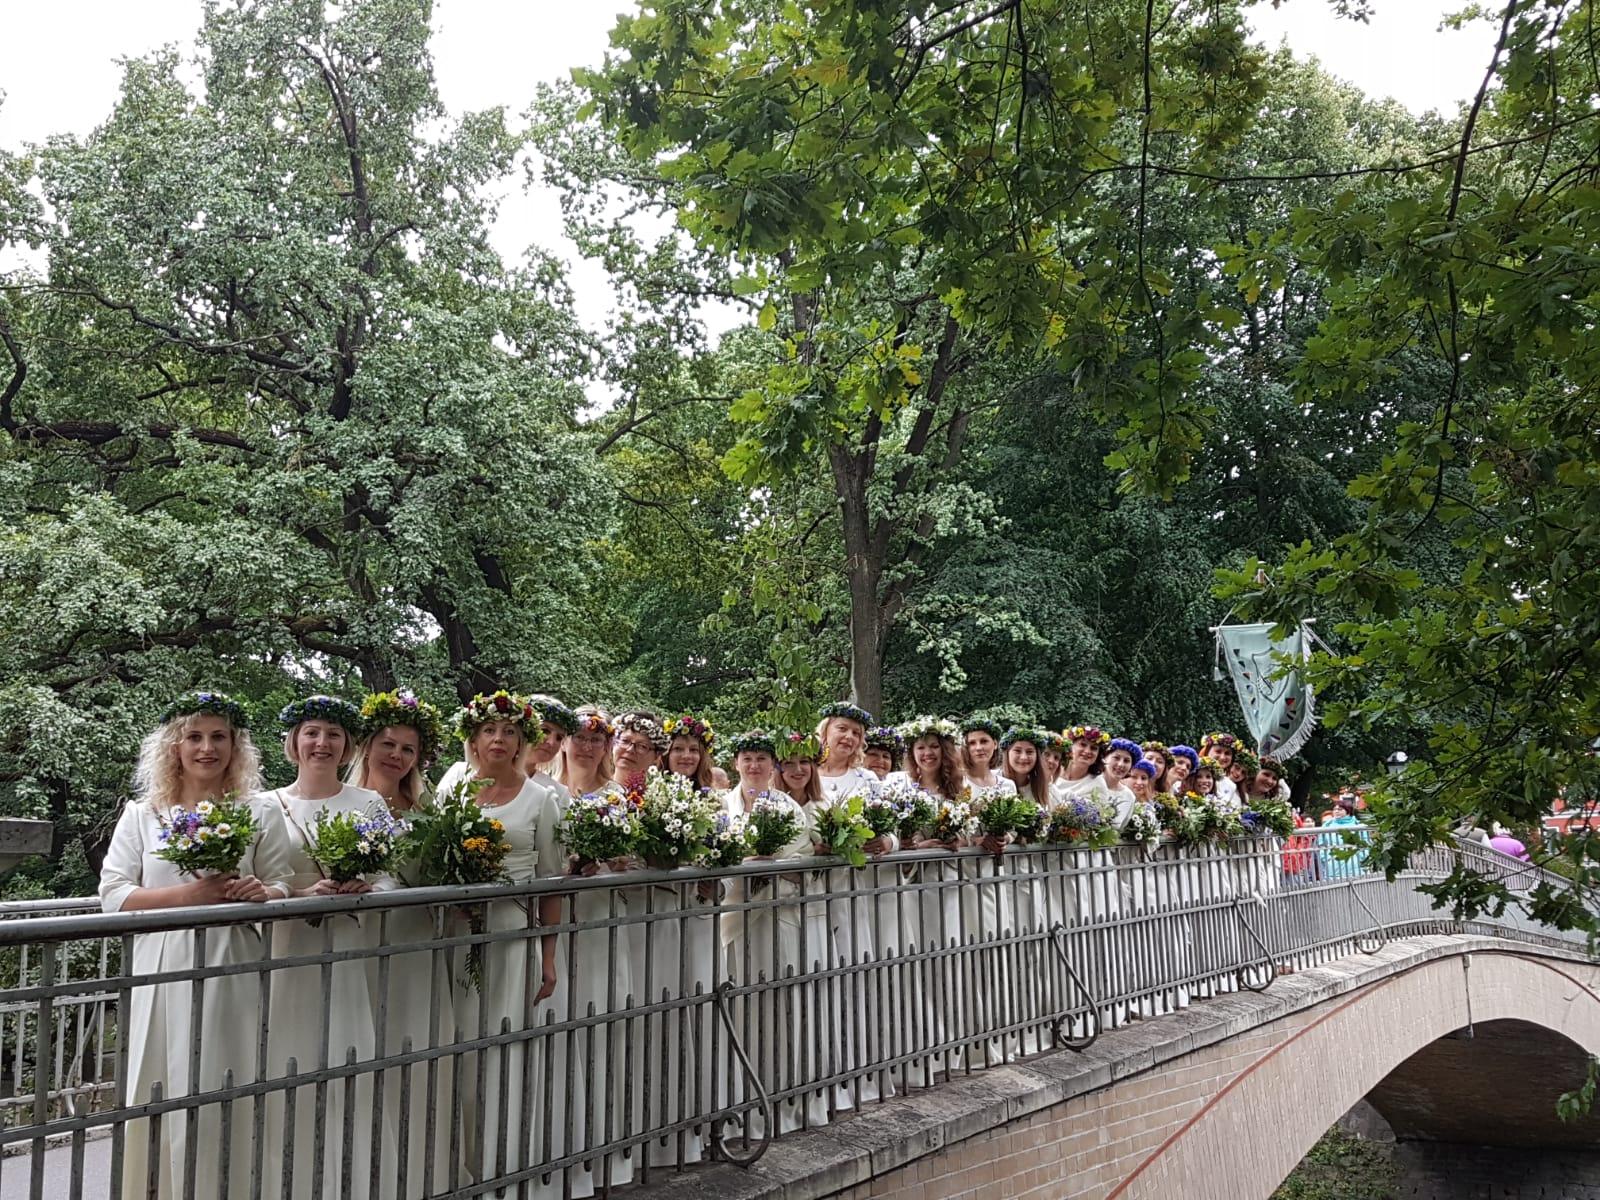 1. jūlija pēcpusdienā Dziesmusvētku dalībnieku gājienā devāmies ar saviļņojumu un lepnumu.